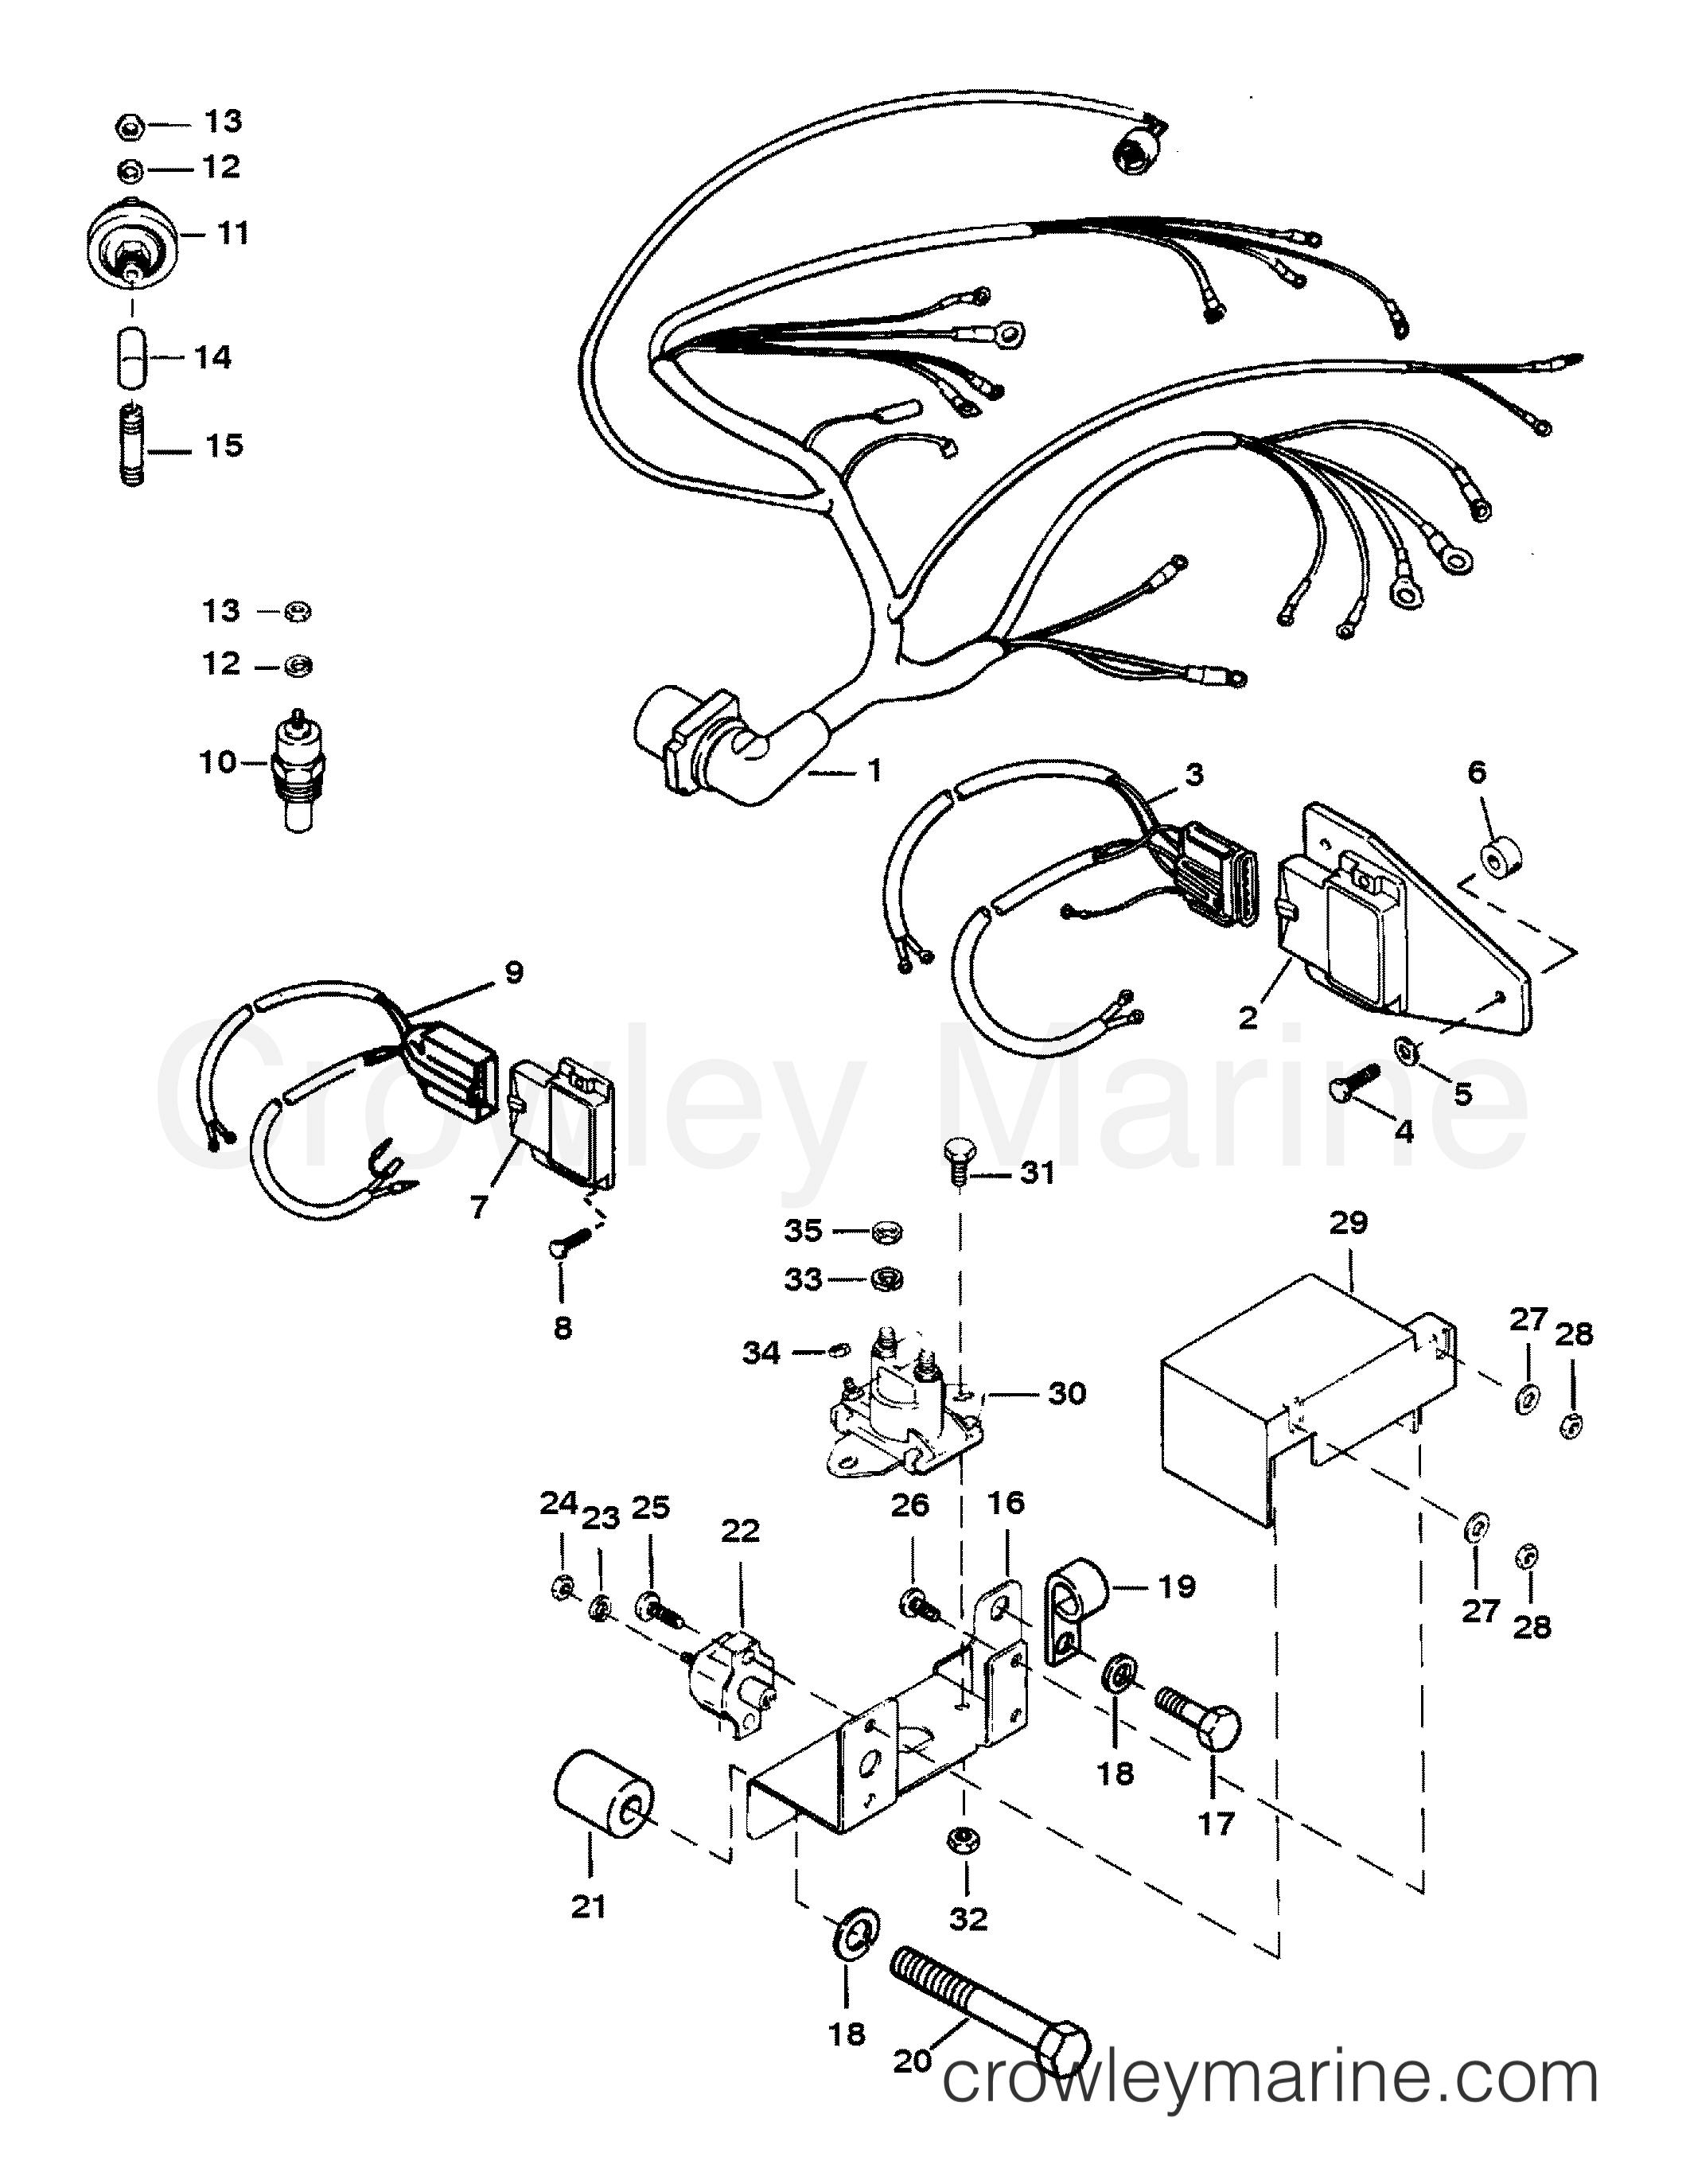 Marine Audio Wiring